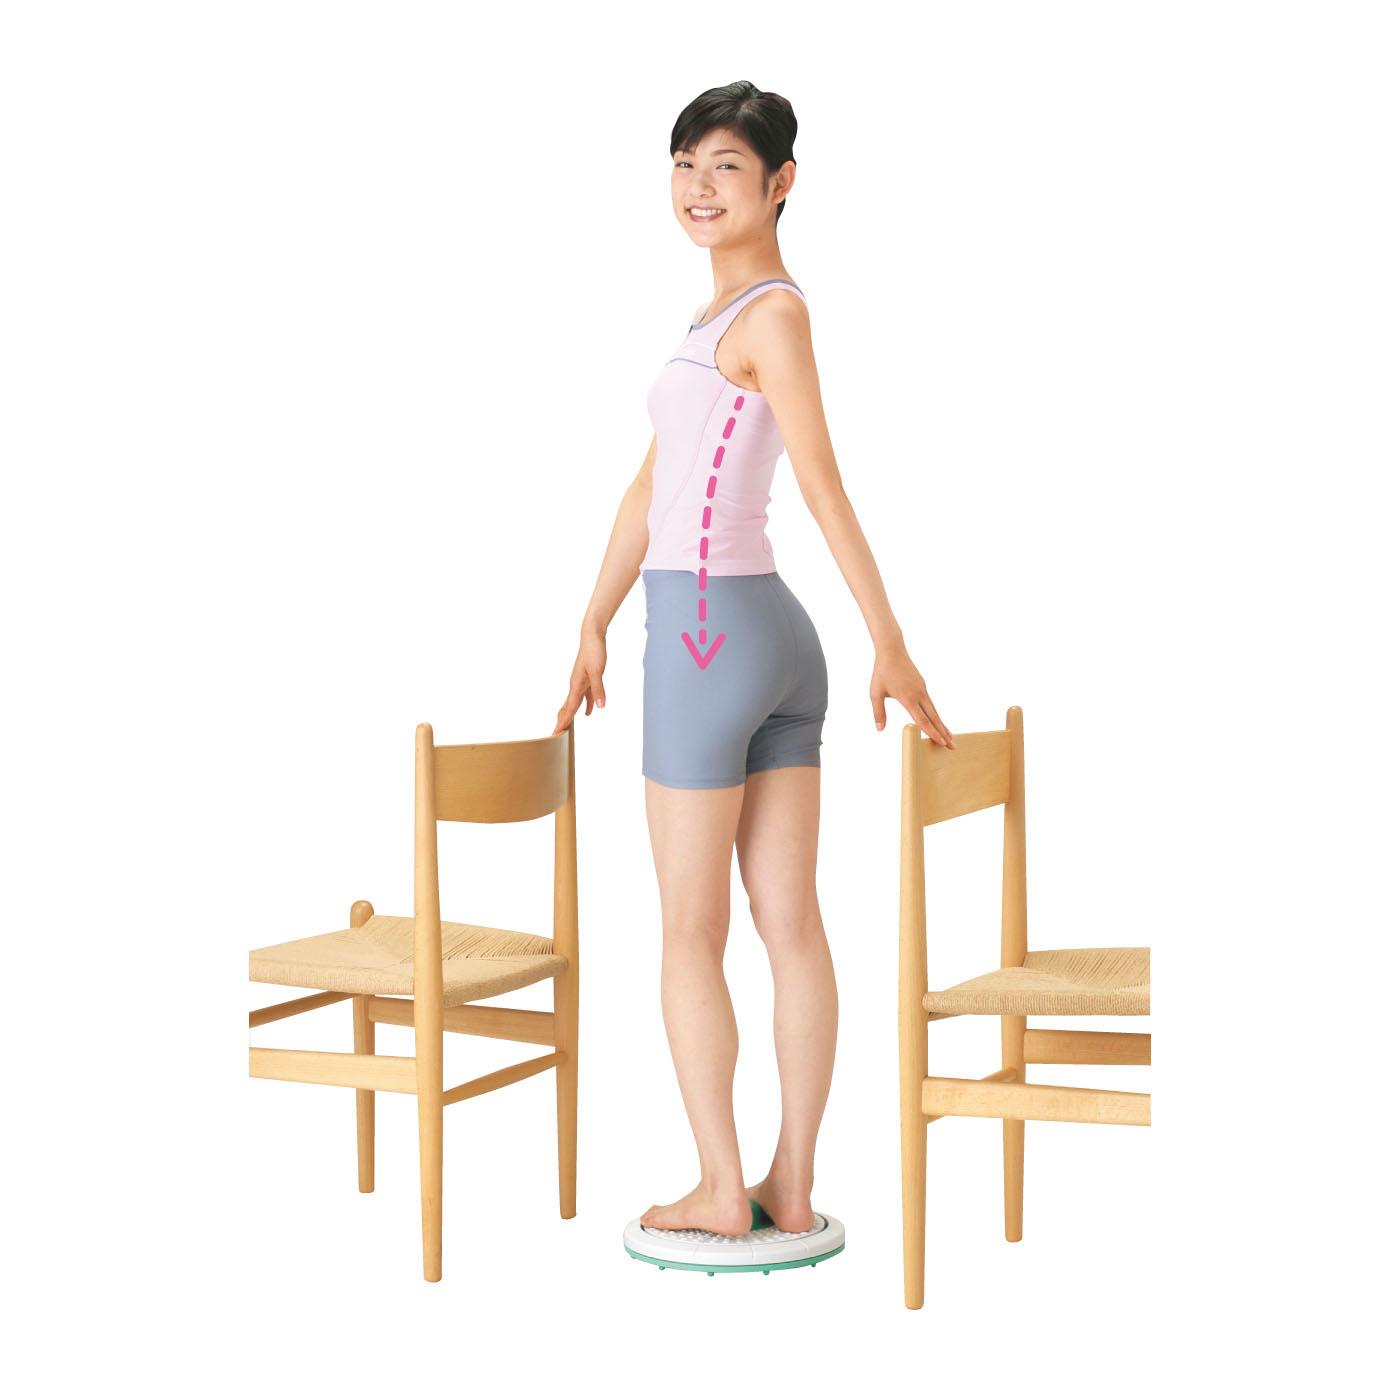 【背中からわき腹のストレッチ】いすの背もたれなどを使って、ゆっくりひねりながらストレッチ。